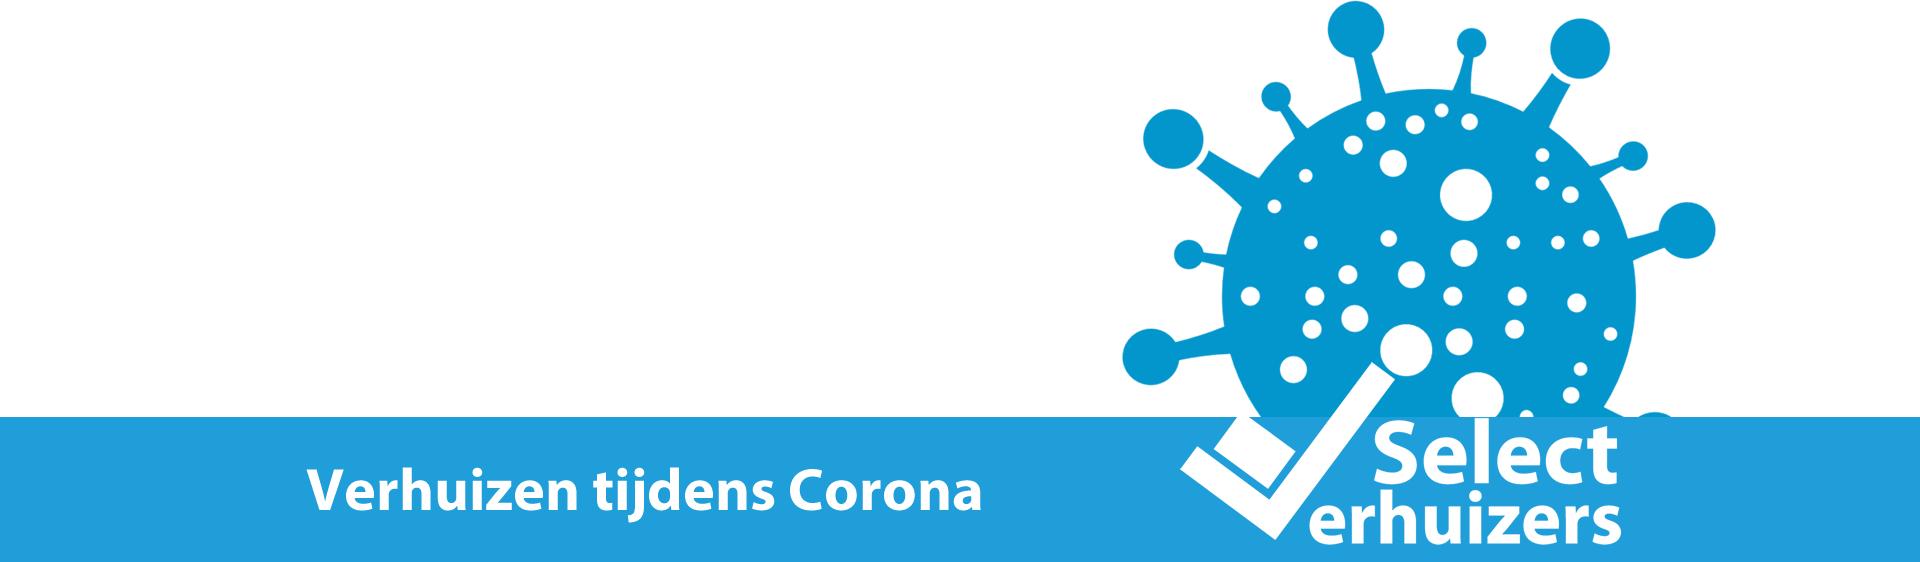 Verhuizen tijdens het Coronavirus